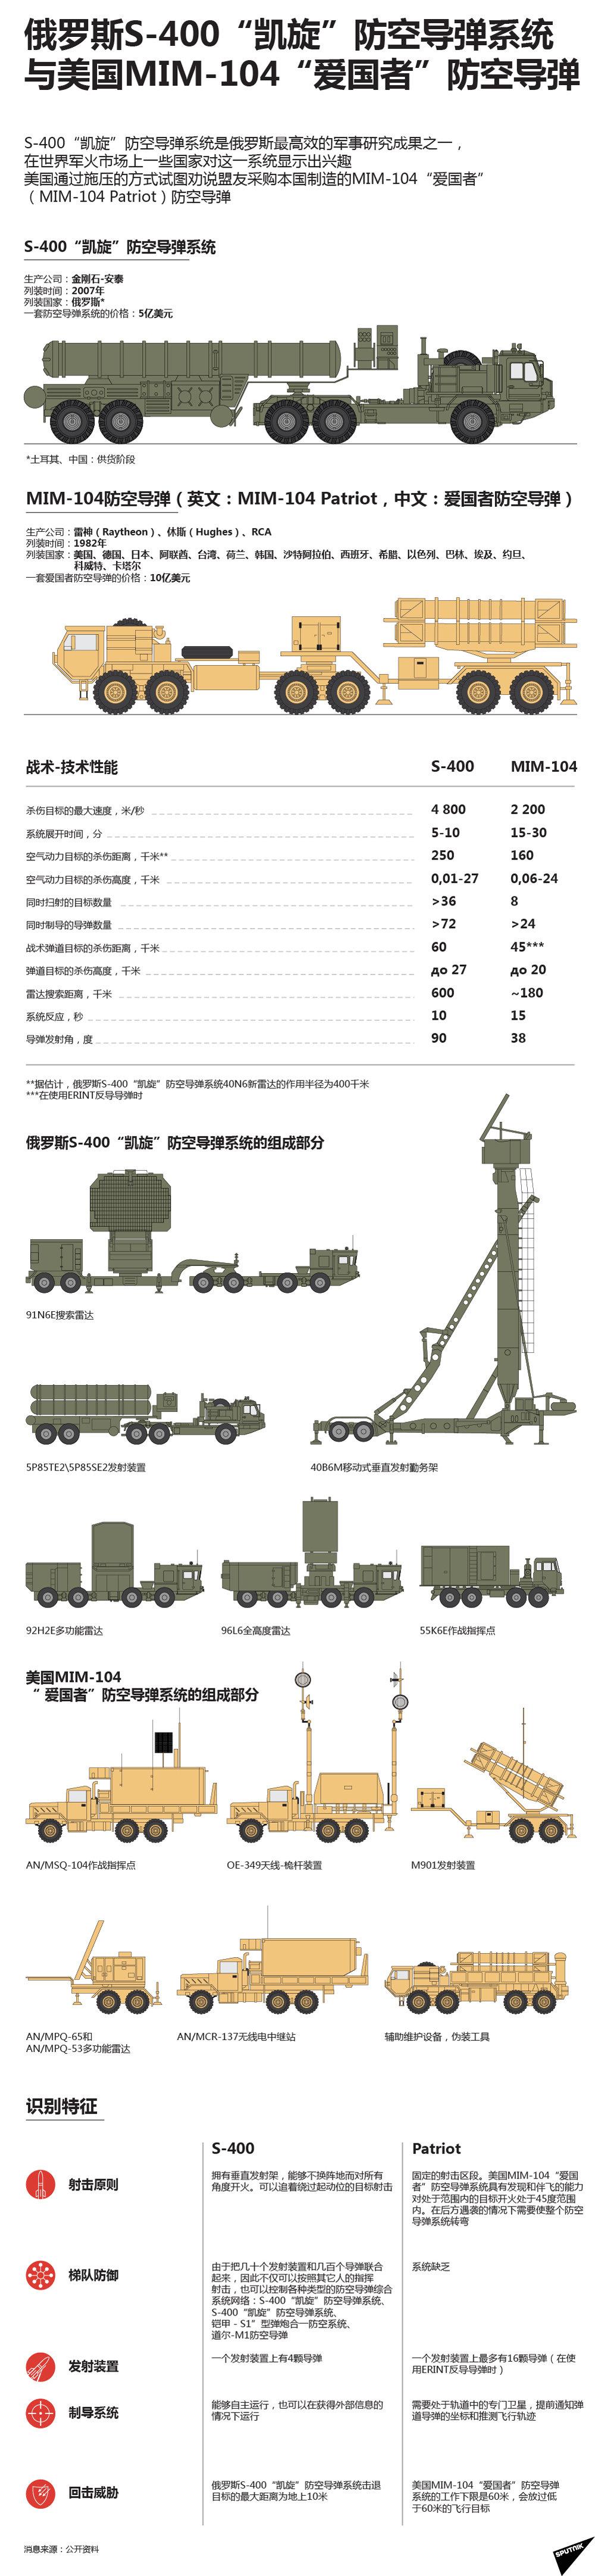 """必威体育S-400""""凯旋""""防空导弹系统与美国MIM-104""""爱国者""""防空导弹"""